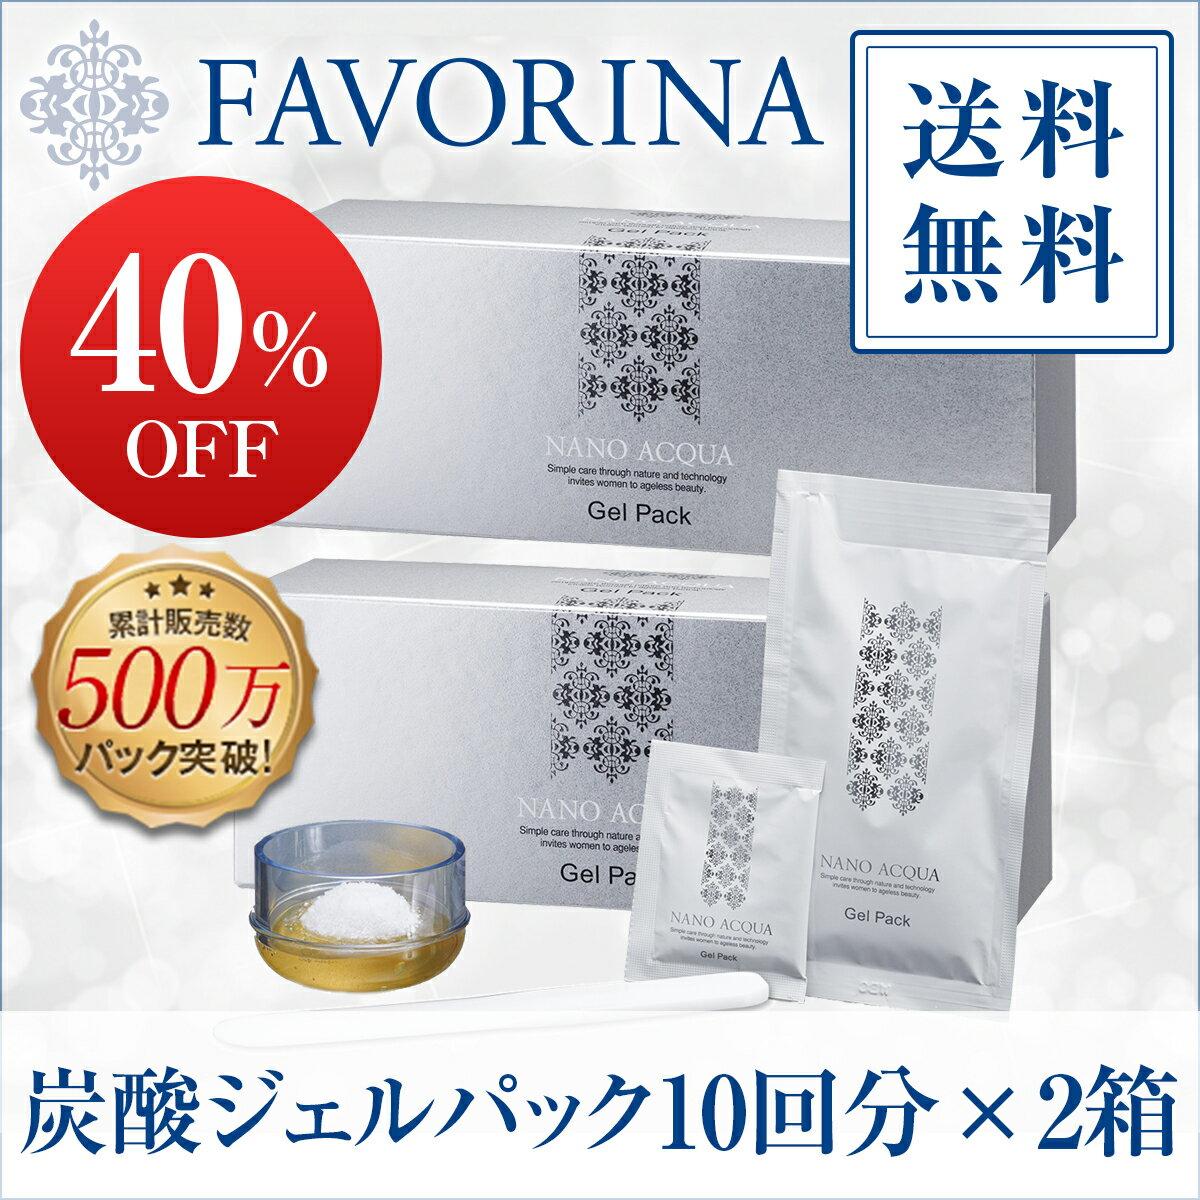 【40%OFF】フェブリナ 炭酸ジェルパック 10回分×2箱セットナノアクア 炭酸パック ジェル Co2 パック FAVORINA NANO ACQUA